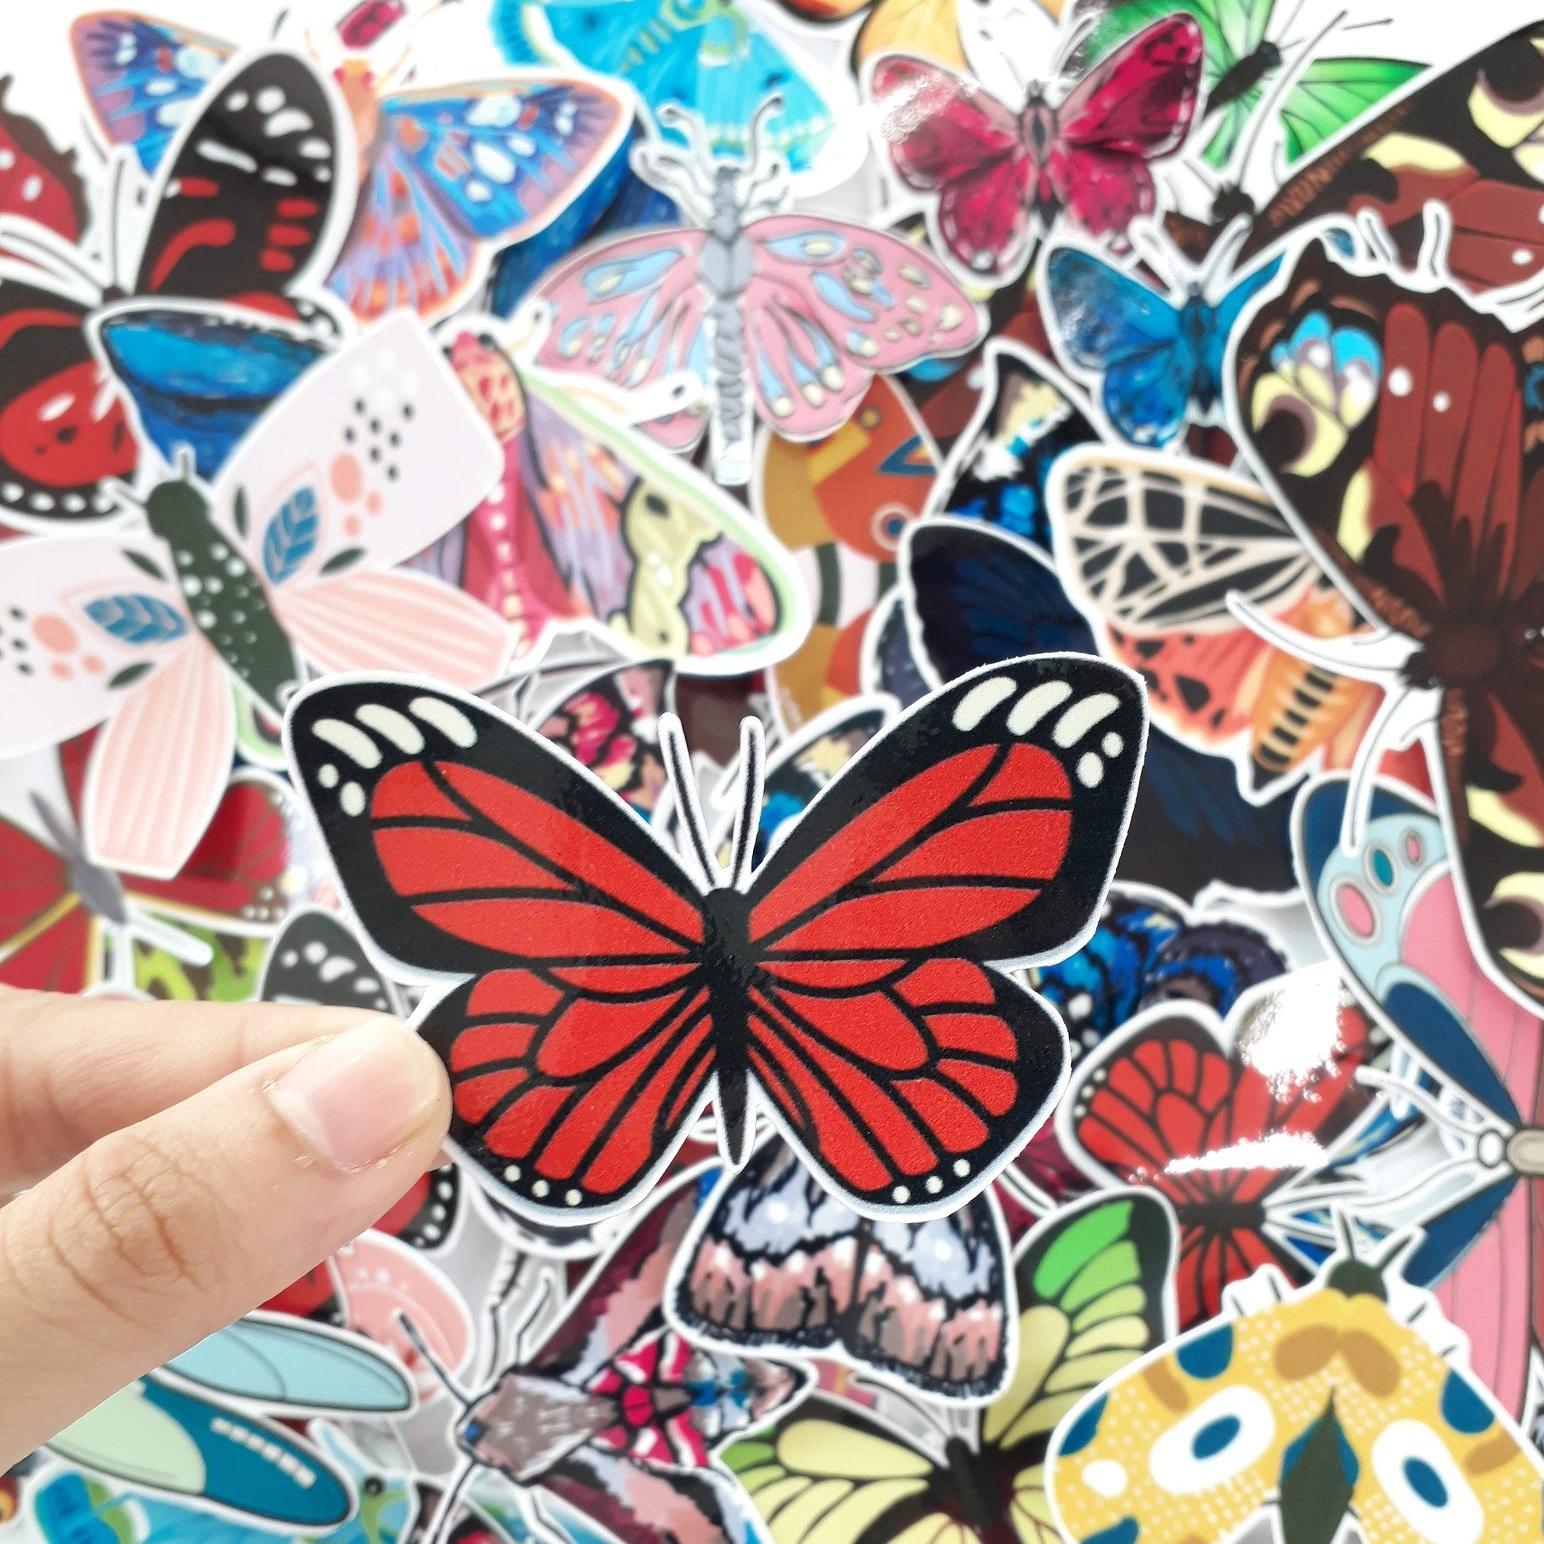 sticker côn trùng bươm bướm